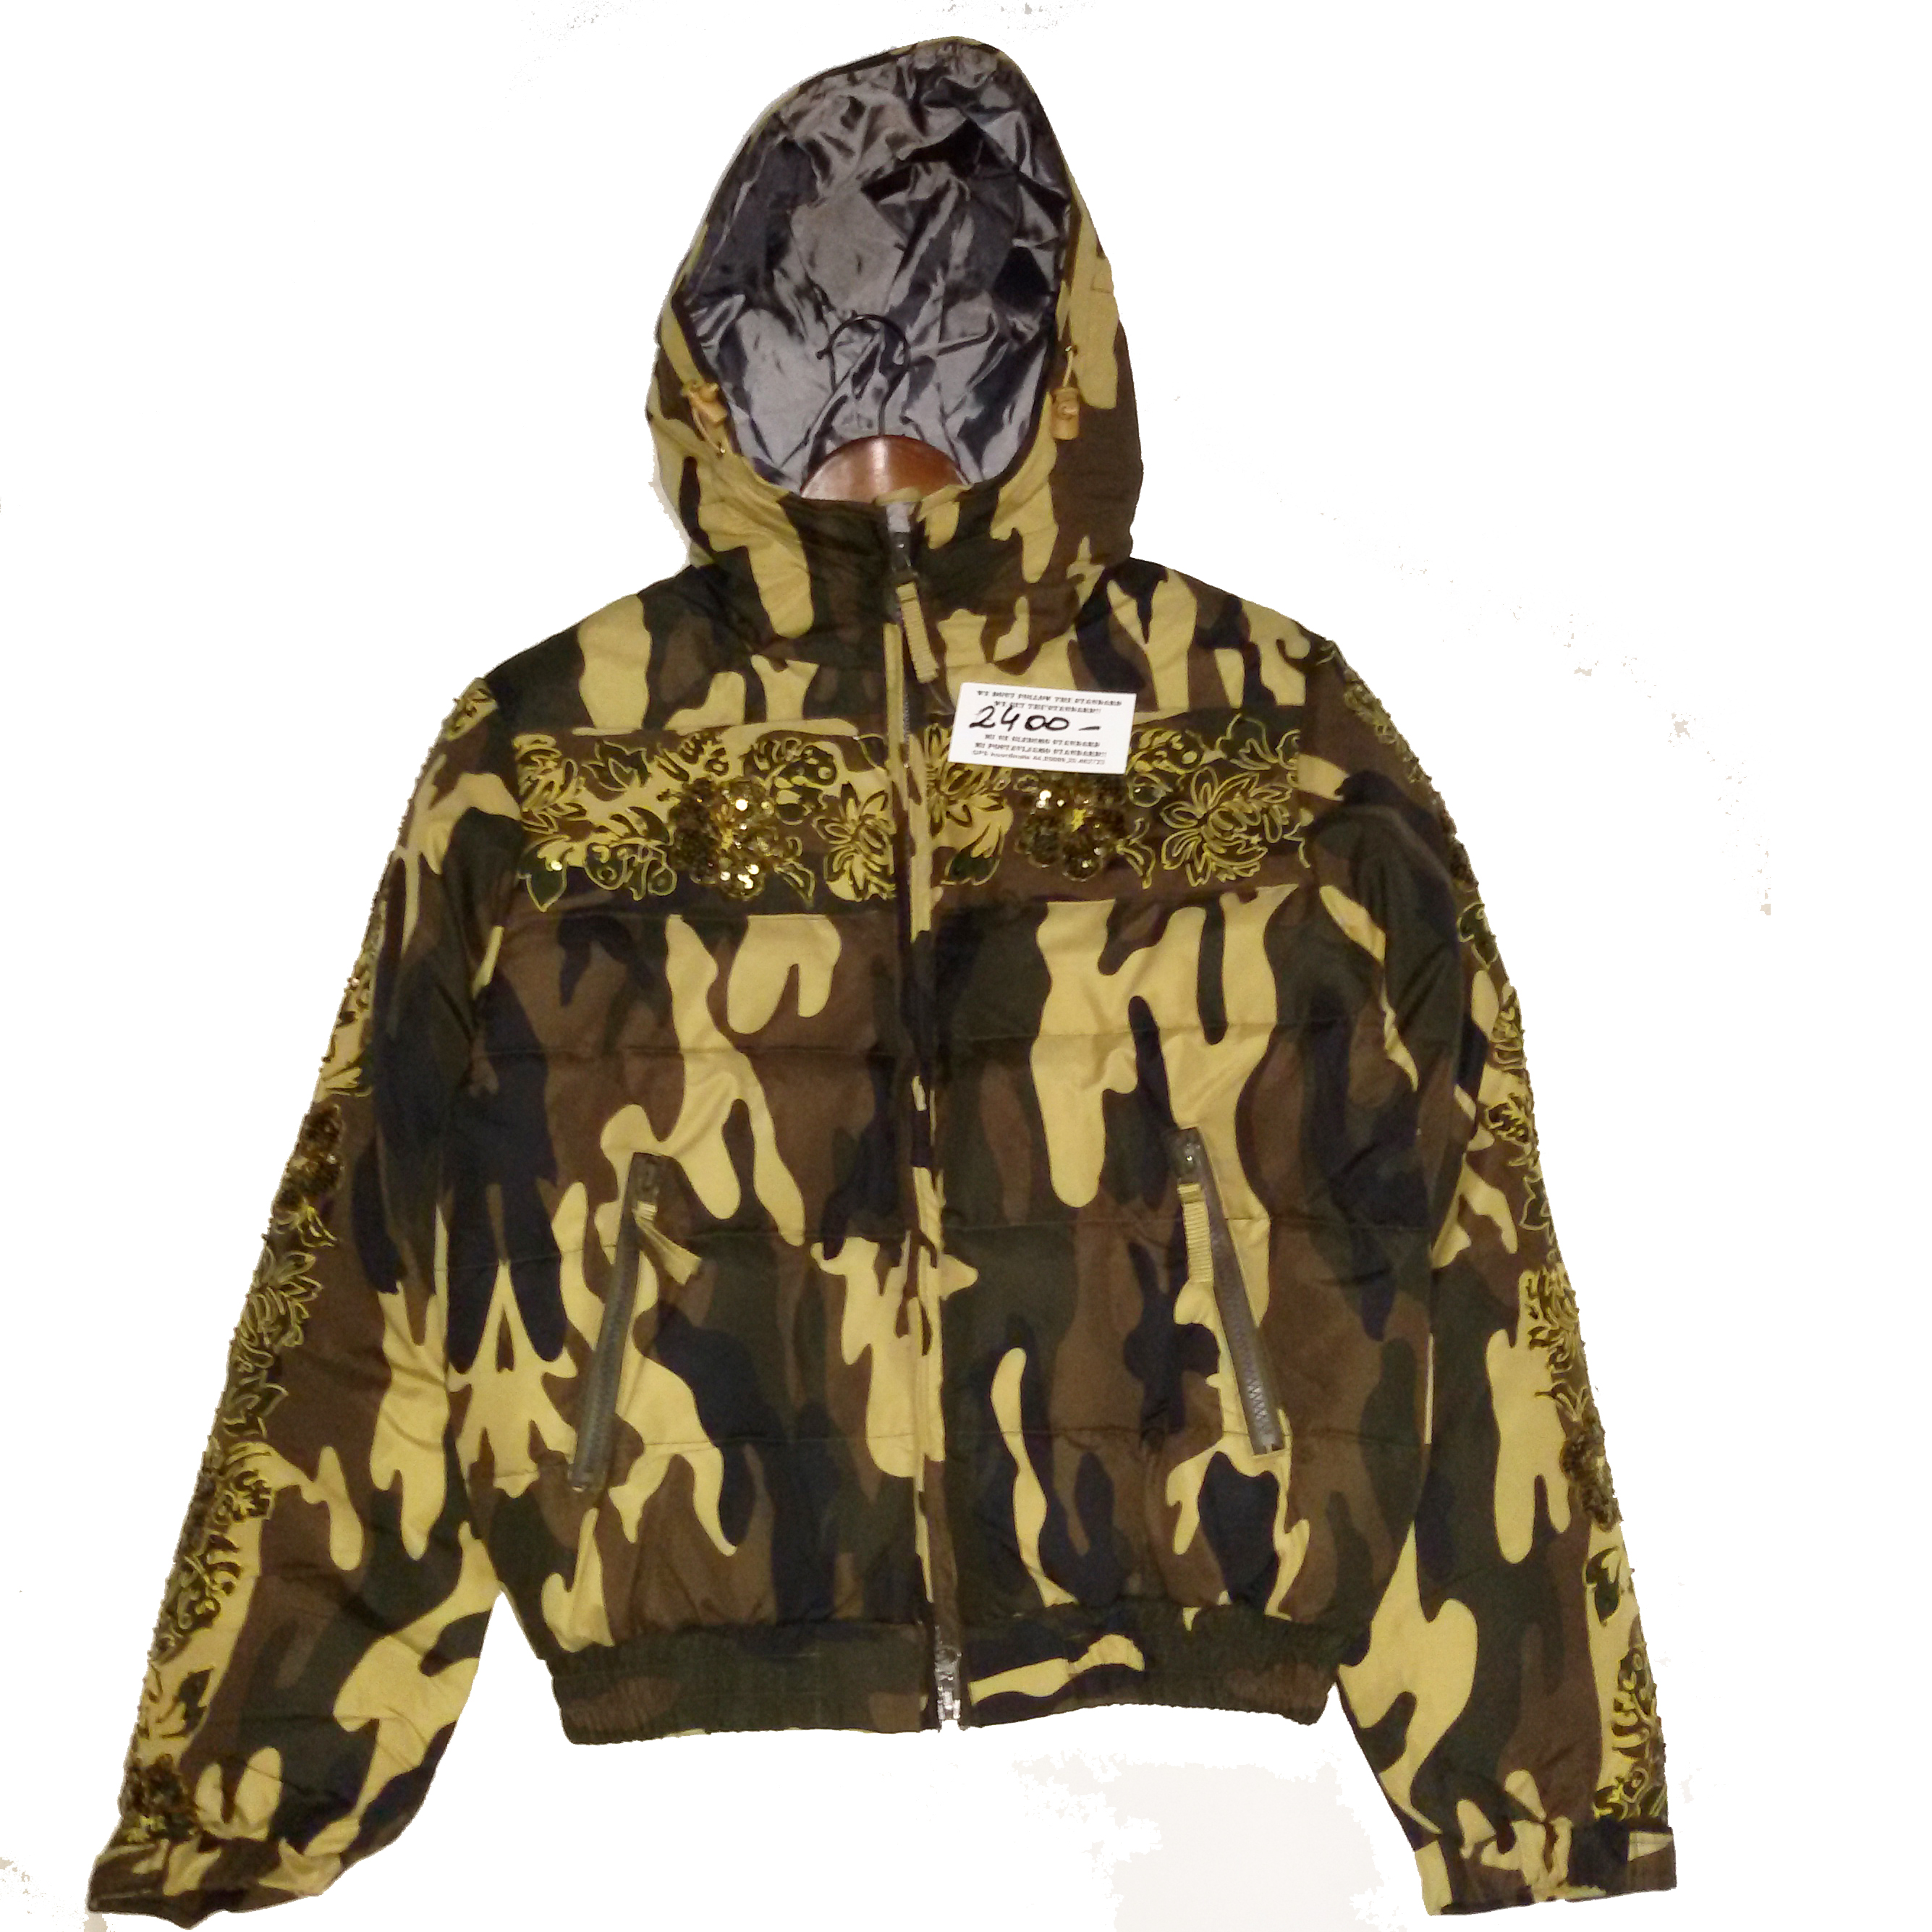 ženska kamuflažna jakna